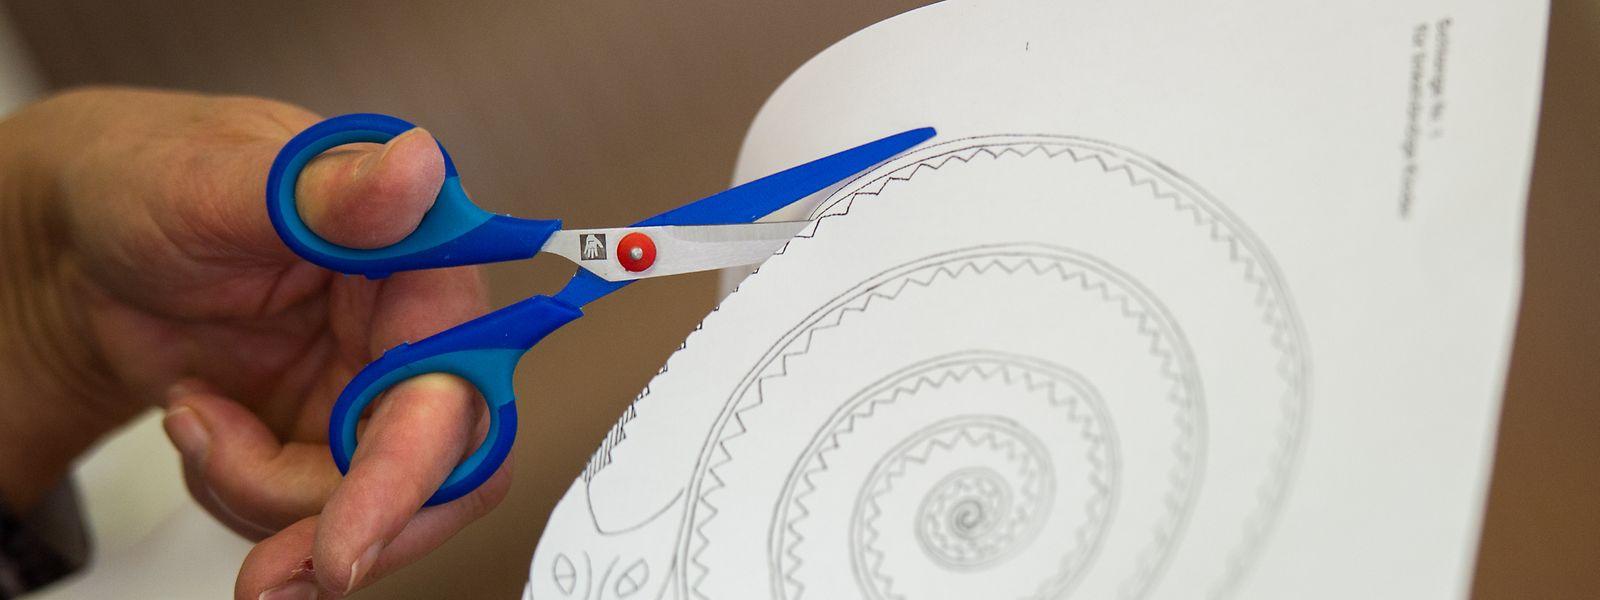 Linkshänder schneiden umgekehrt wie Rechtshänder: bei einer Spirale beispielsweise im Uhrzeigersinn. Deshalb sind eigene Bastelvorlagen für Linkshänder sinnvoll.